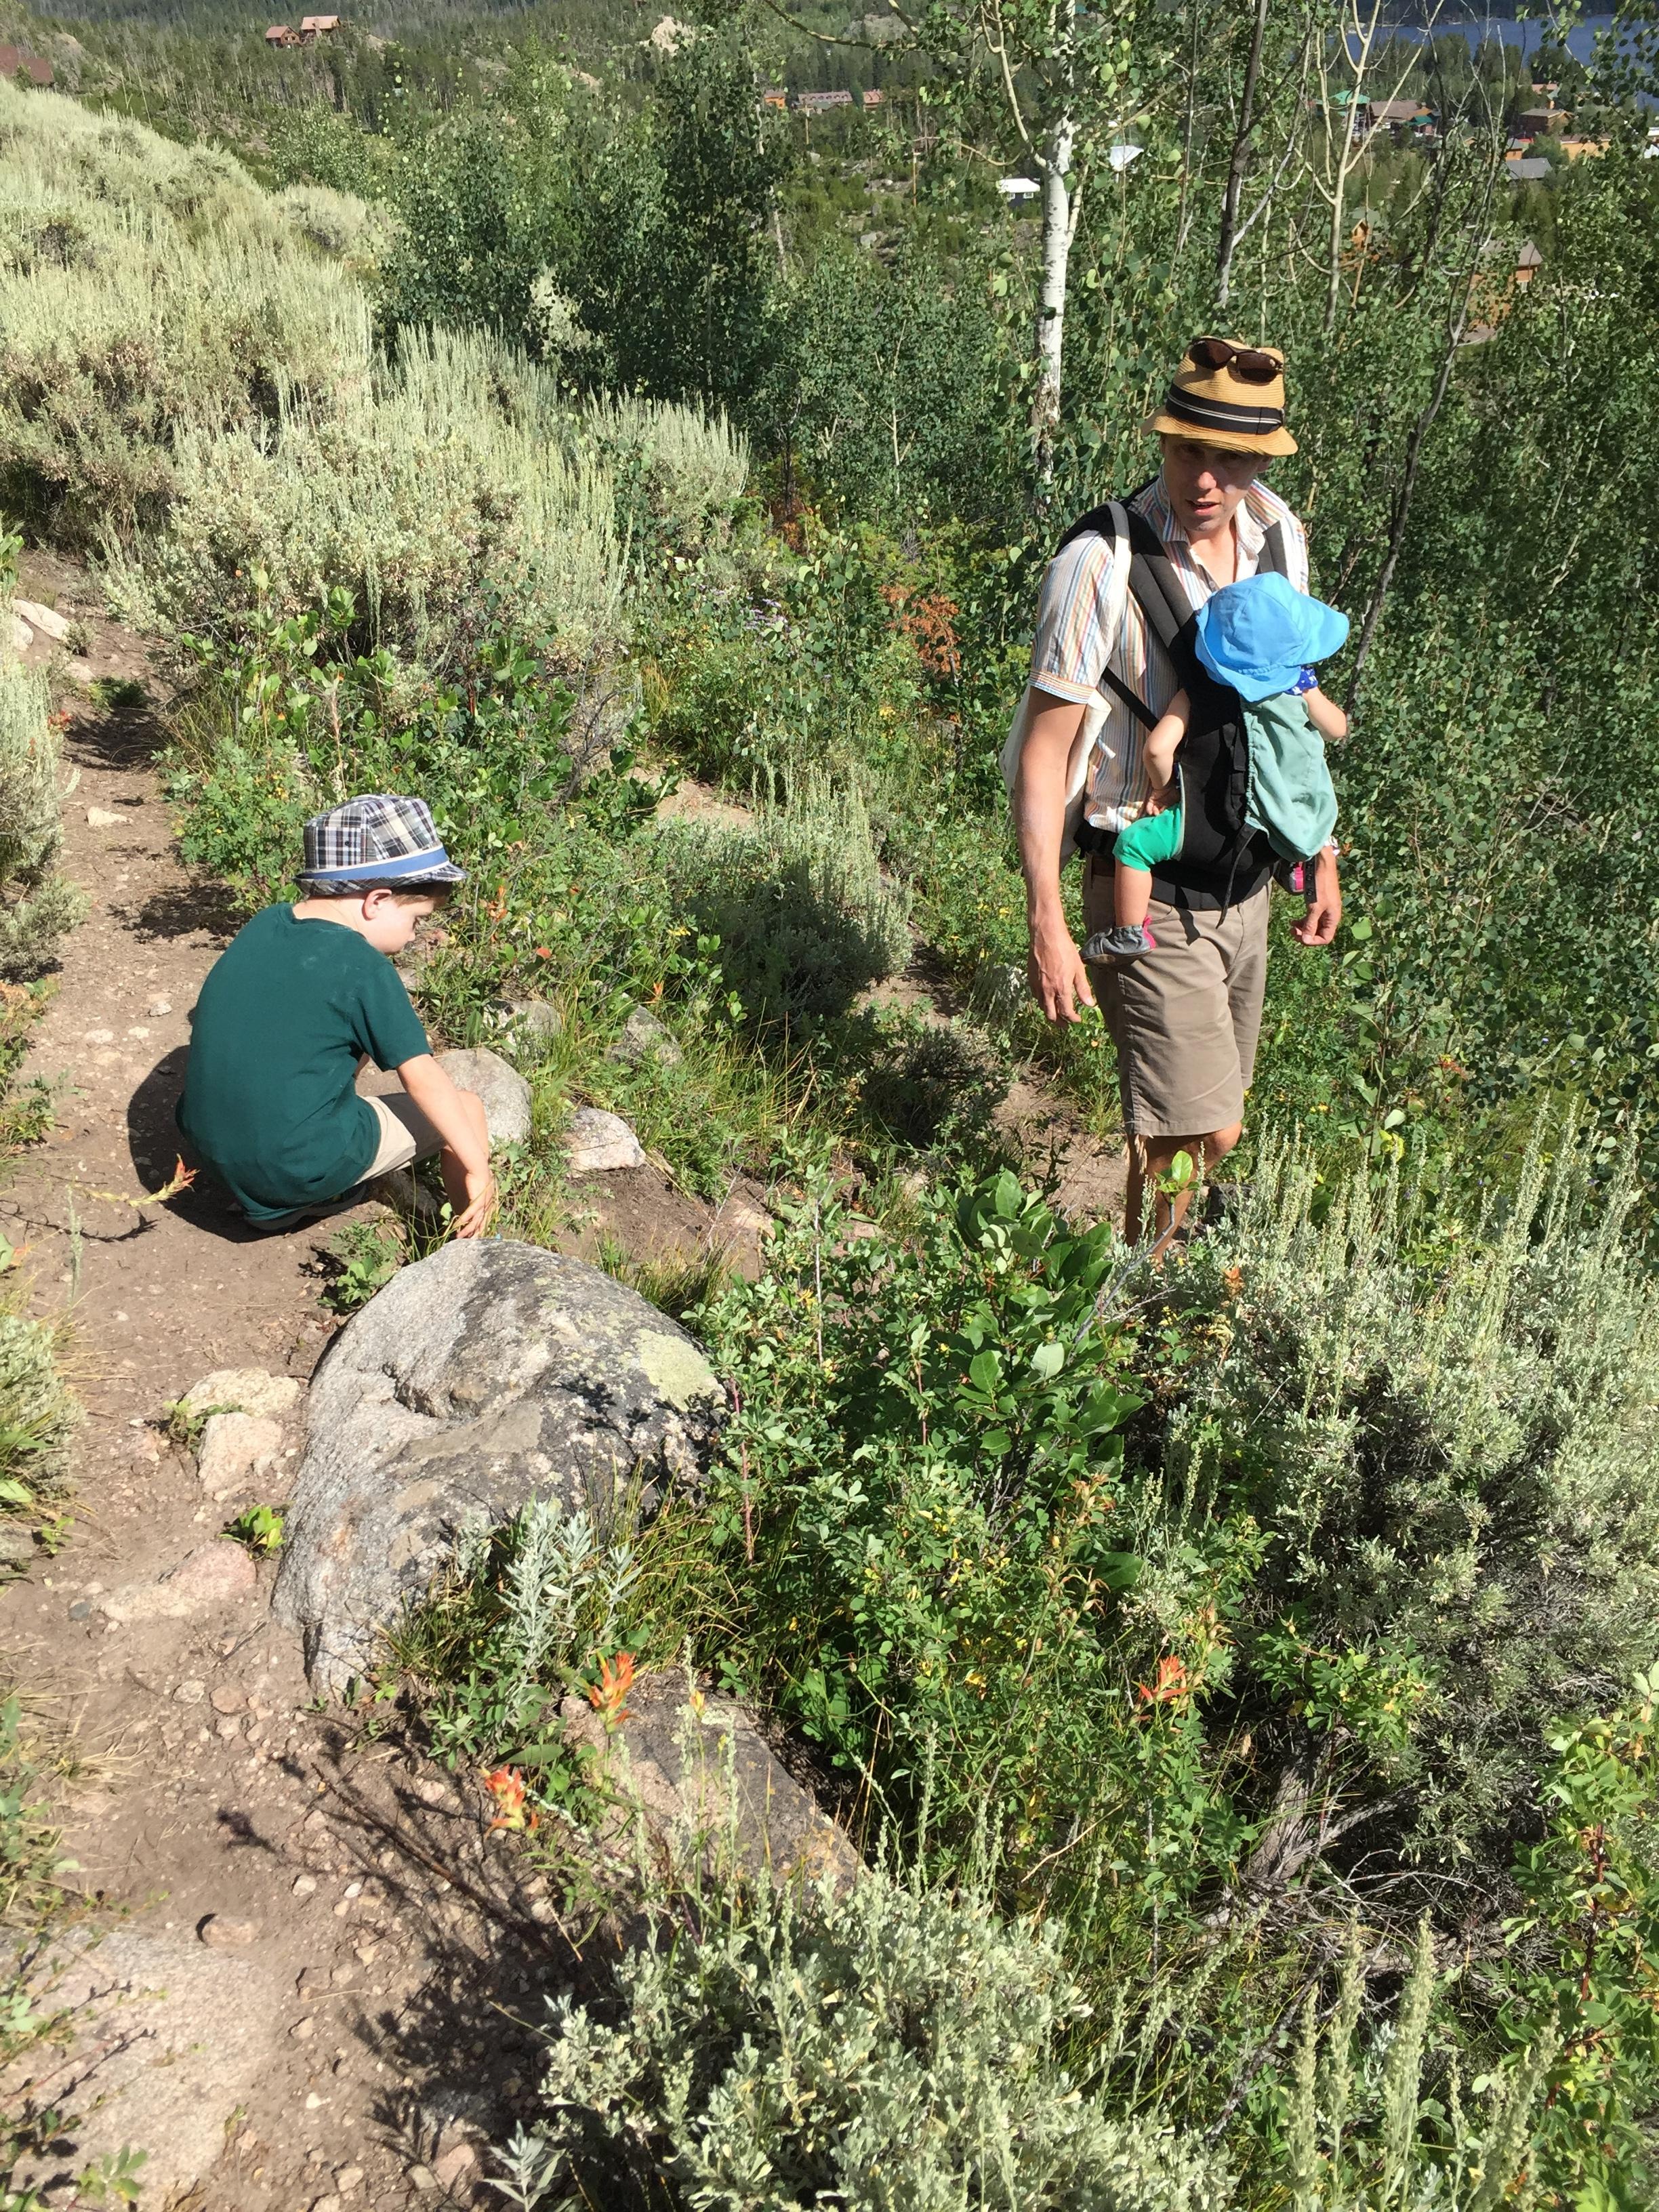 Hiking at 8700'.